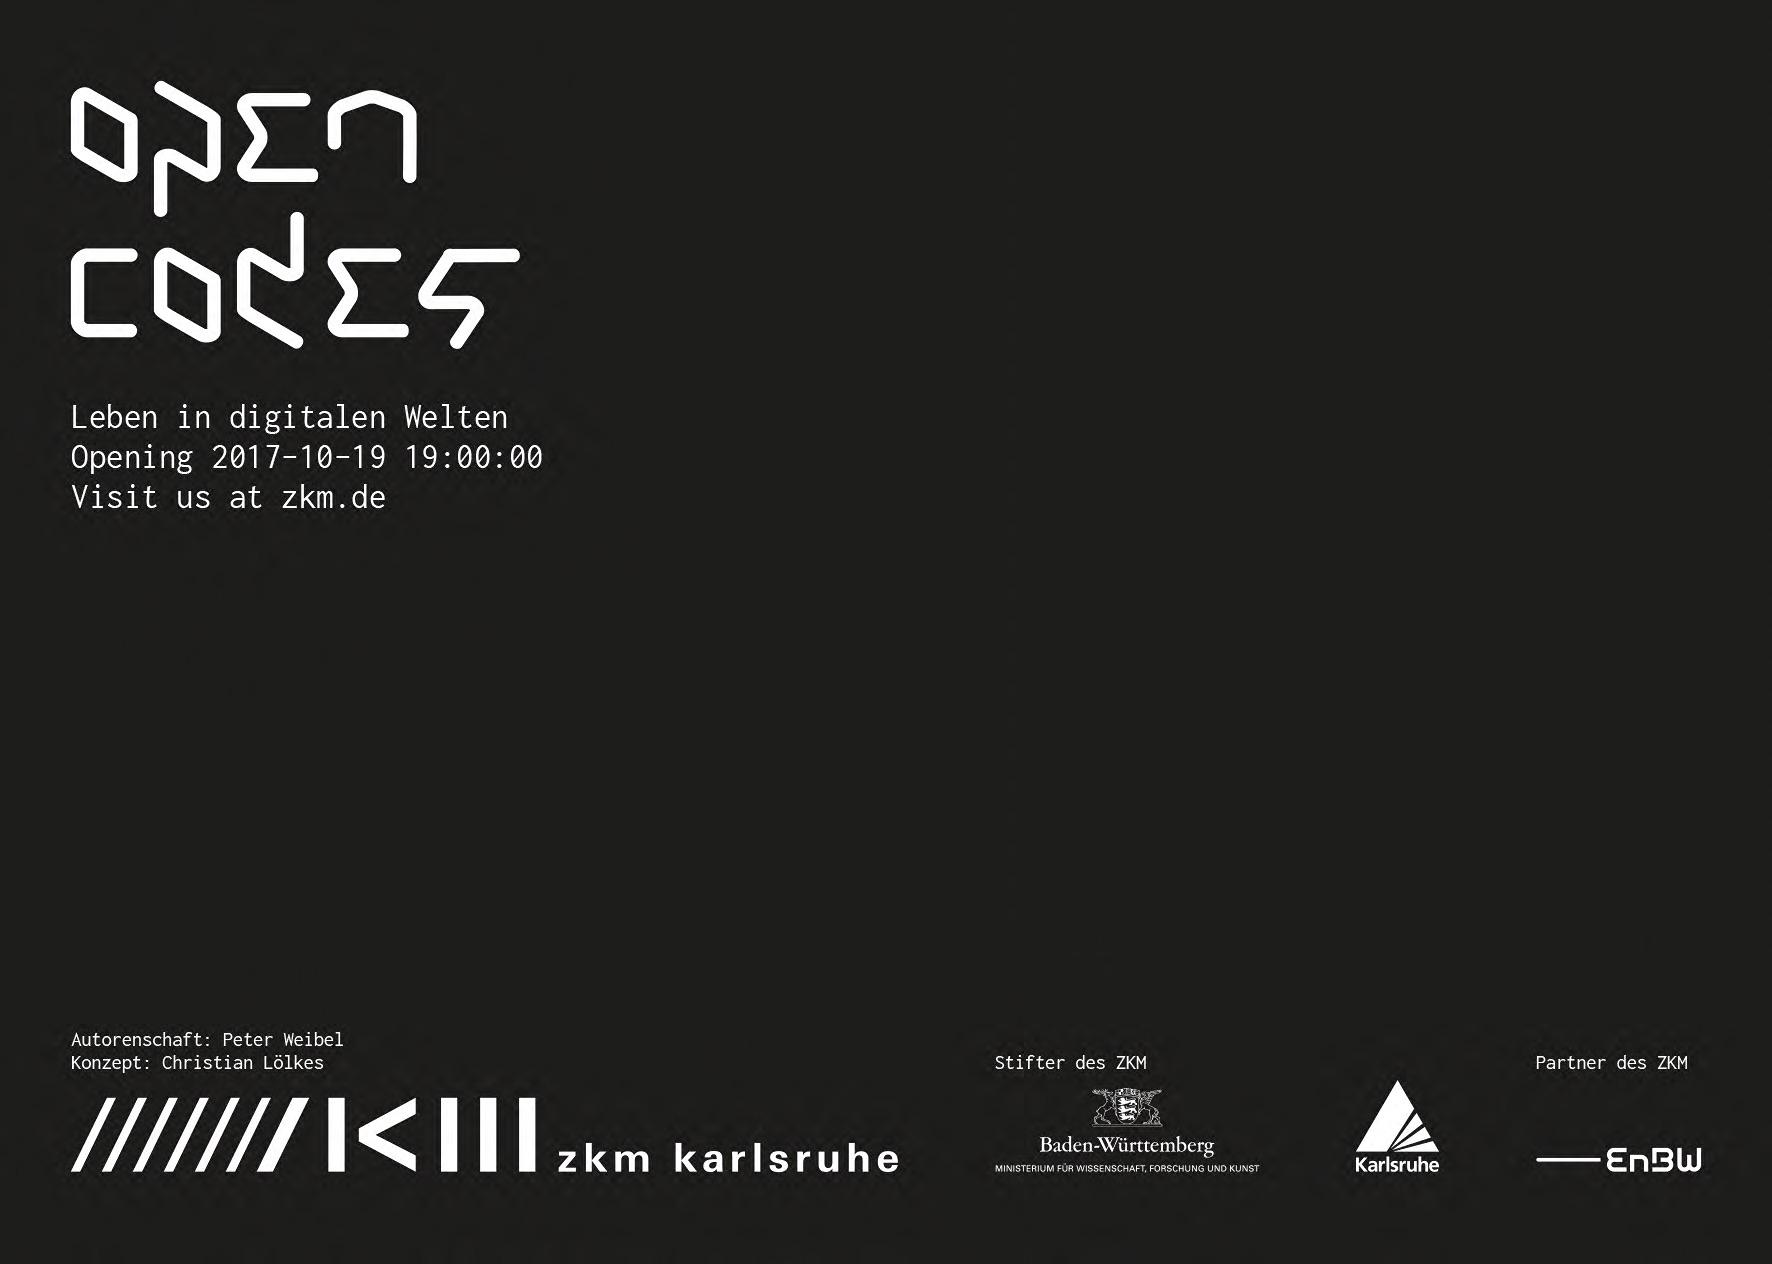 Weißer Schriftzug auf schwarzem Grund: Open Codes. Leben in digitalen Welten